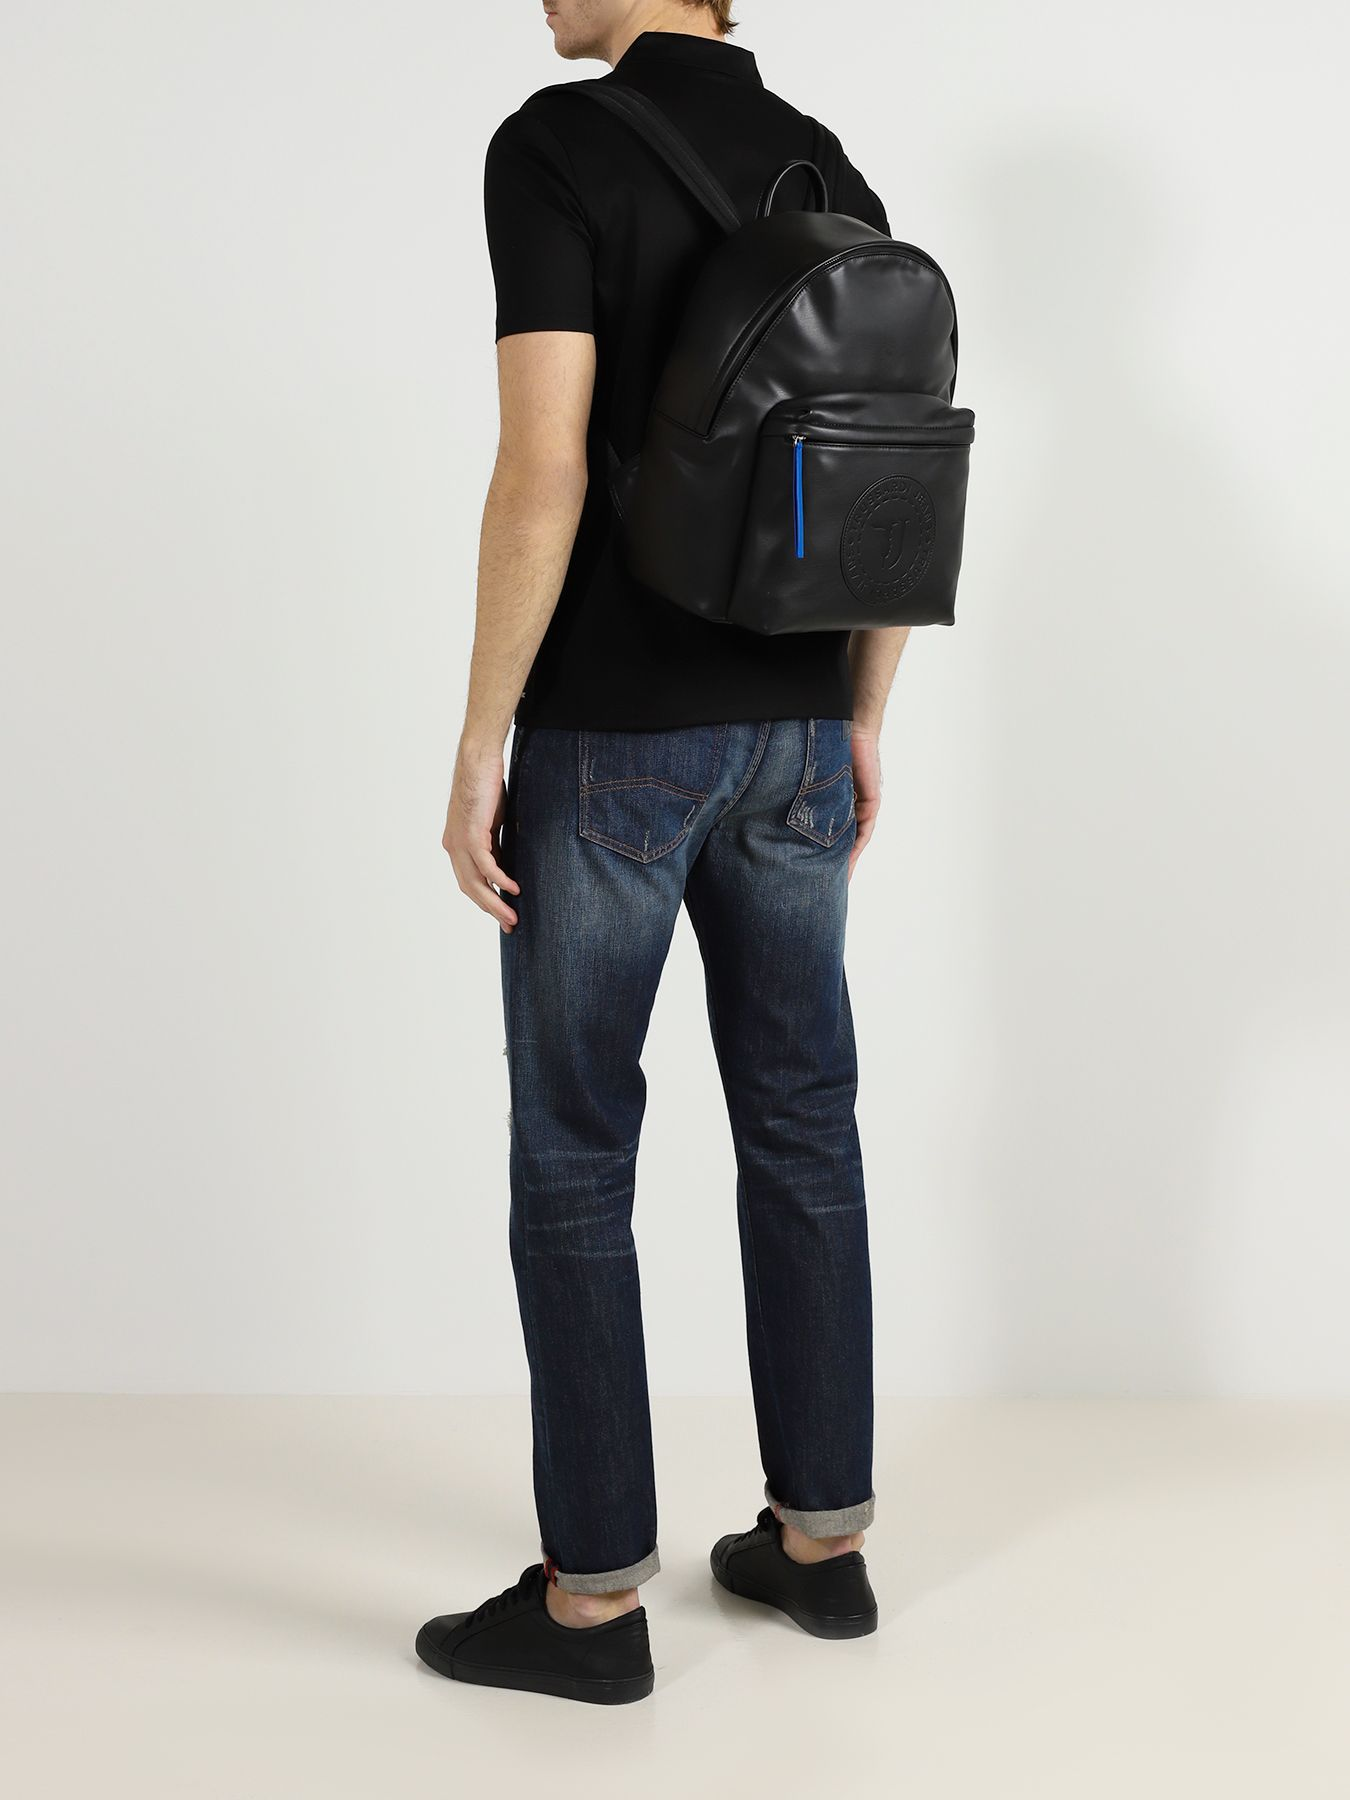 Рюкзак Trussardi Jeans Городской рюкзак